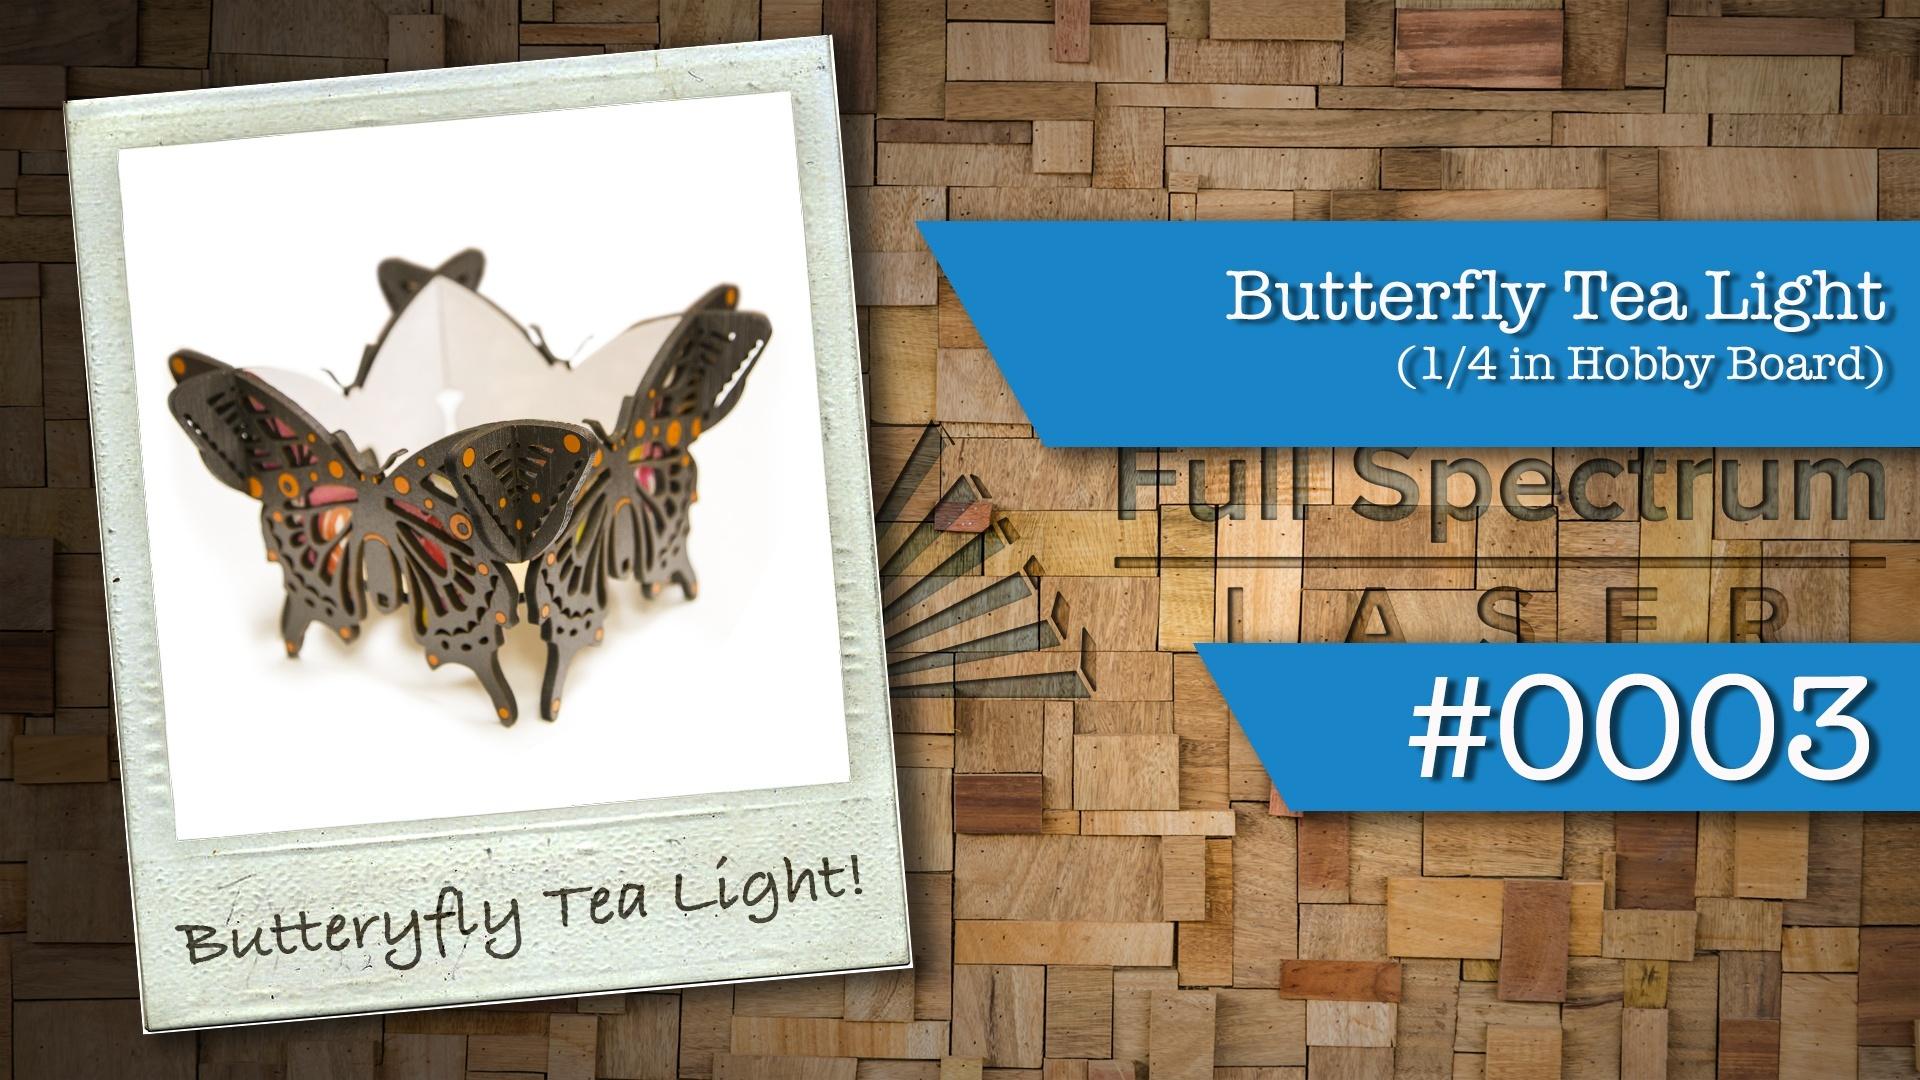 003 - Butterfly Tea Light.jpg